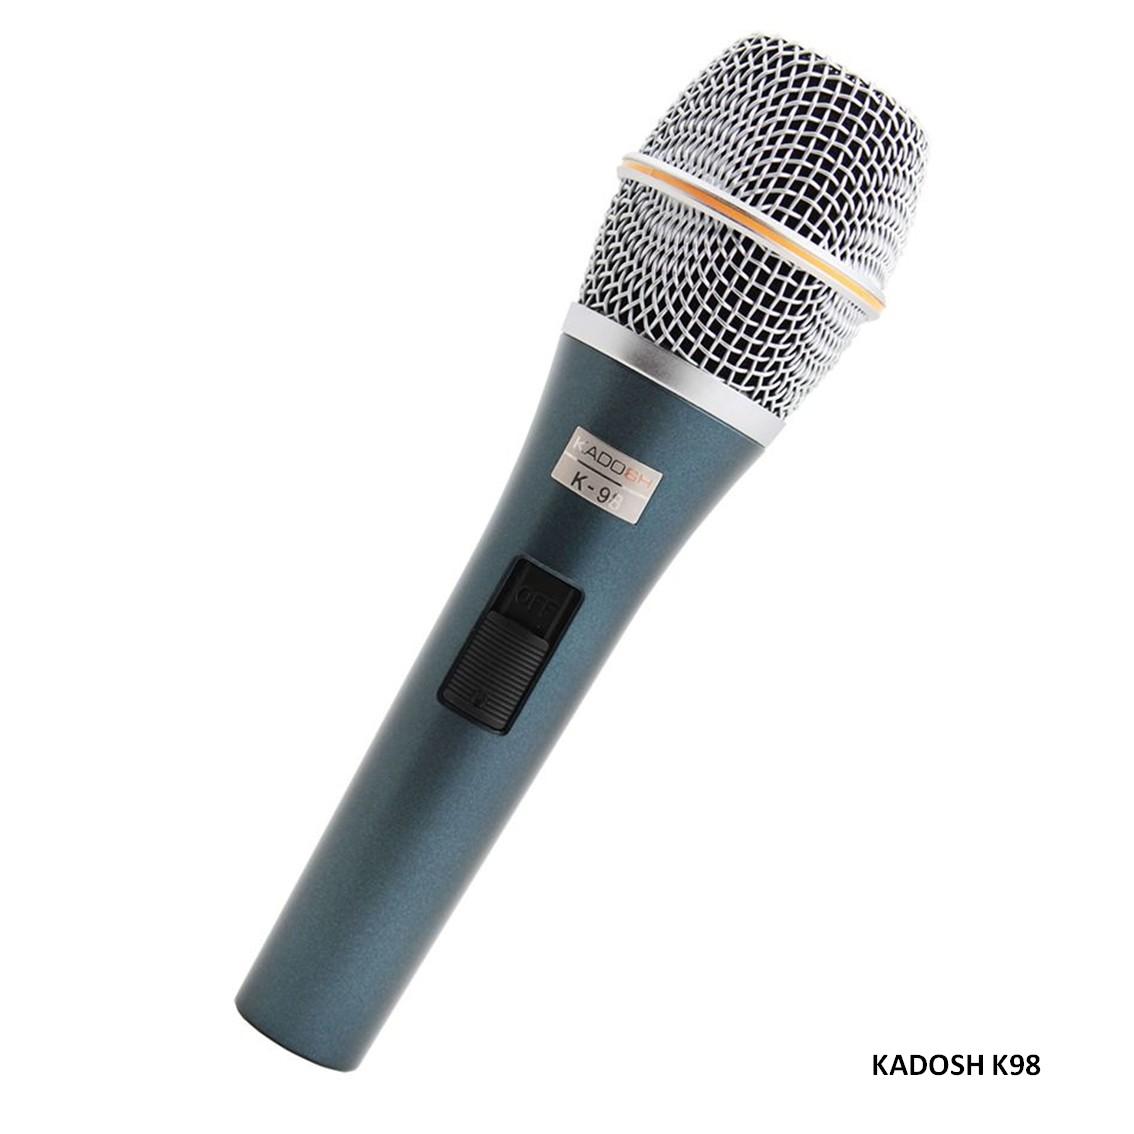 Imagem do produto Microfone de Mão Kadosh K-98